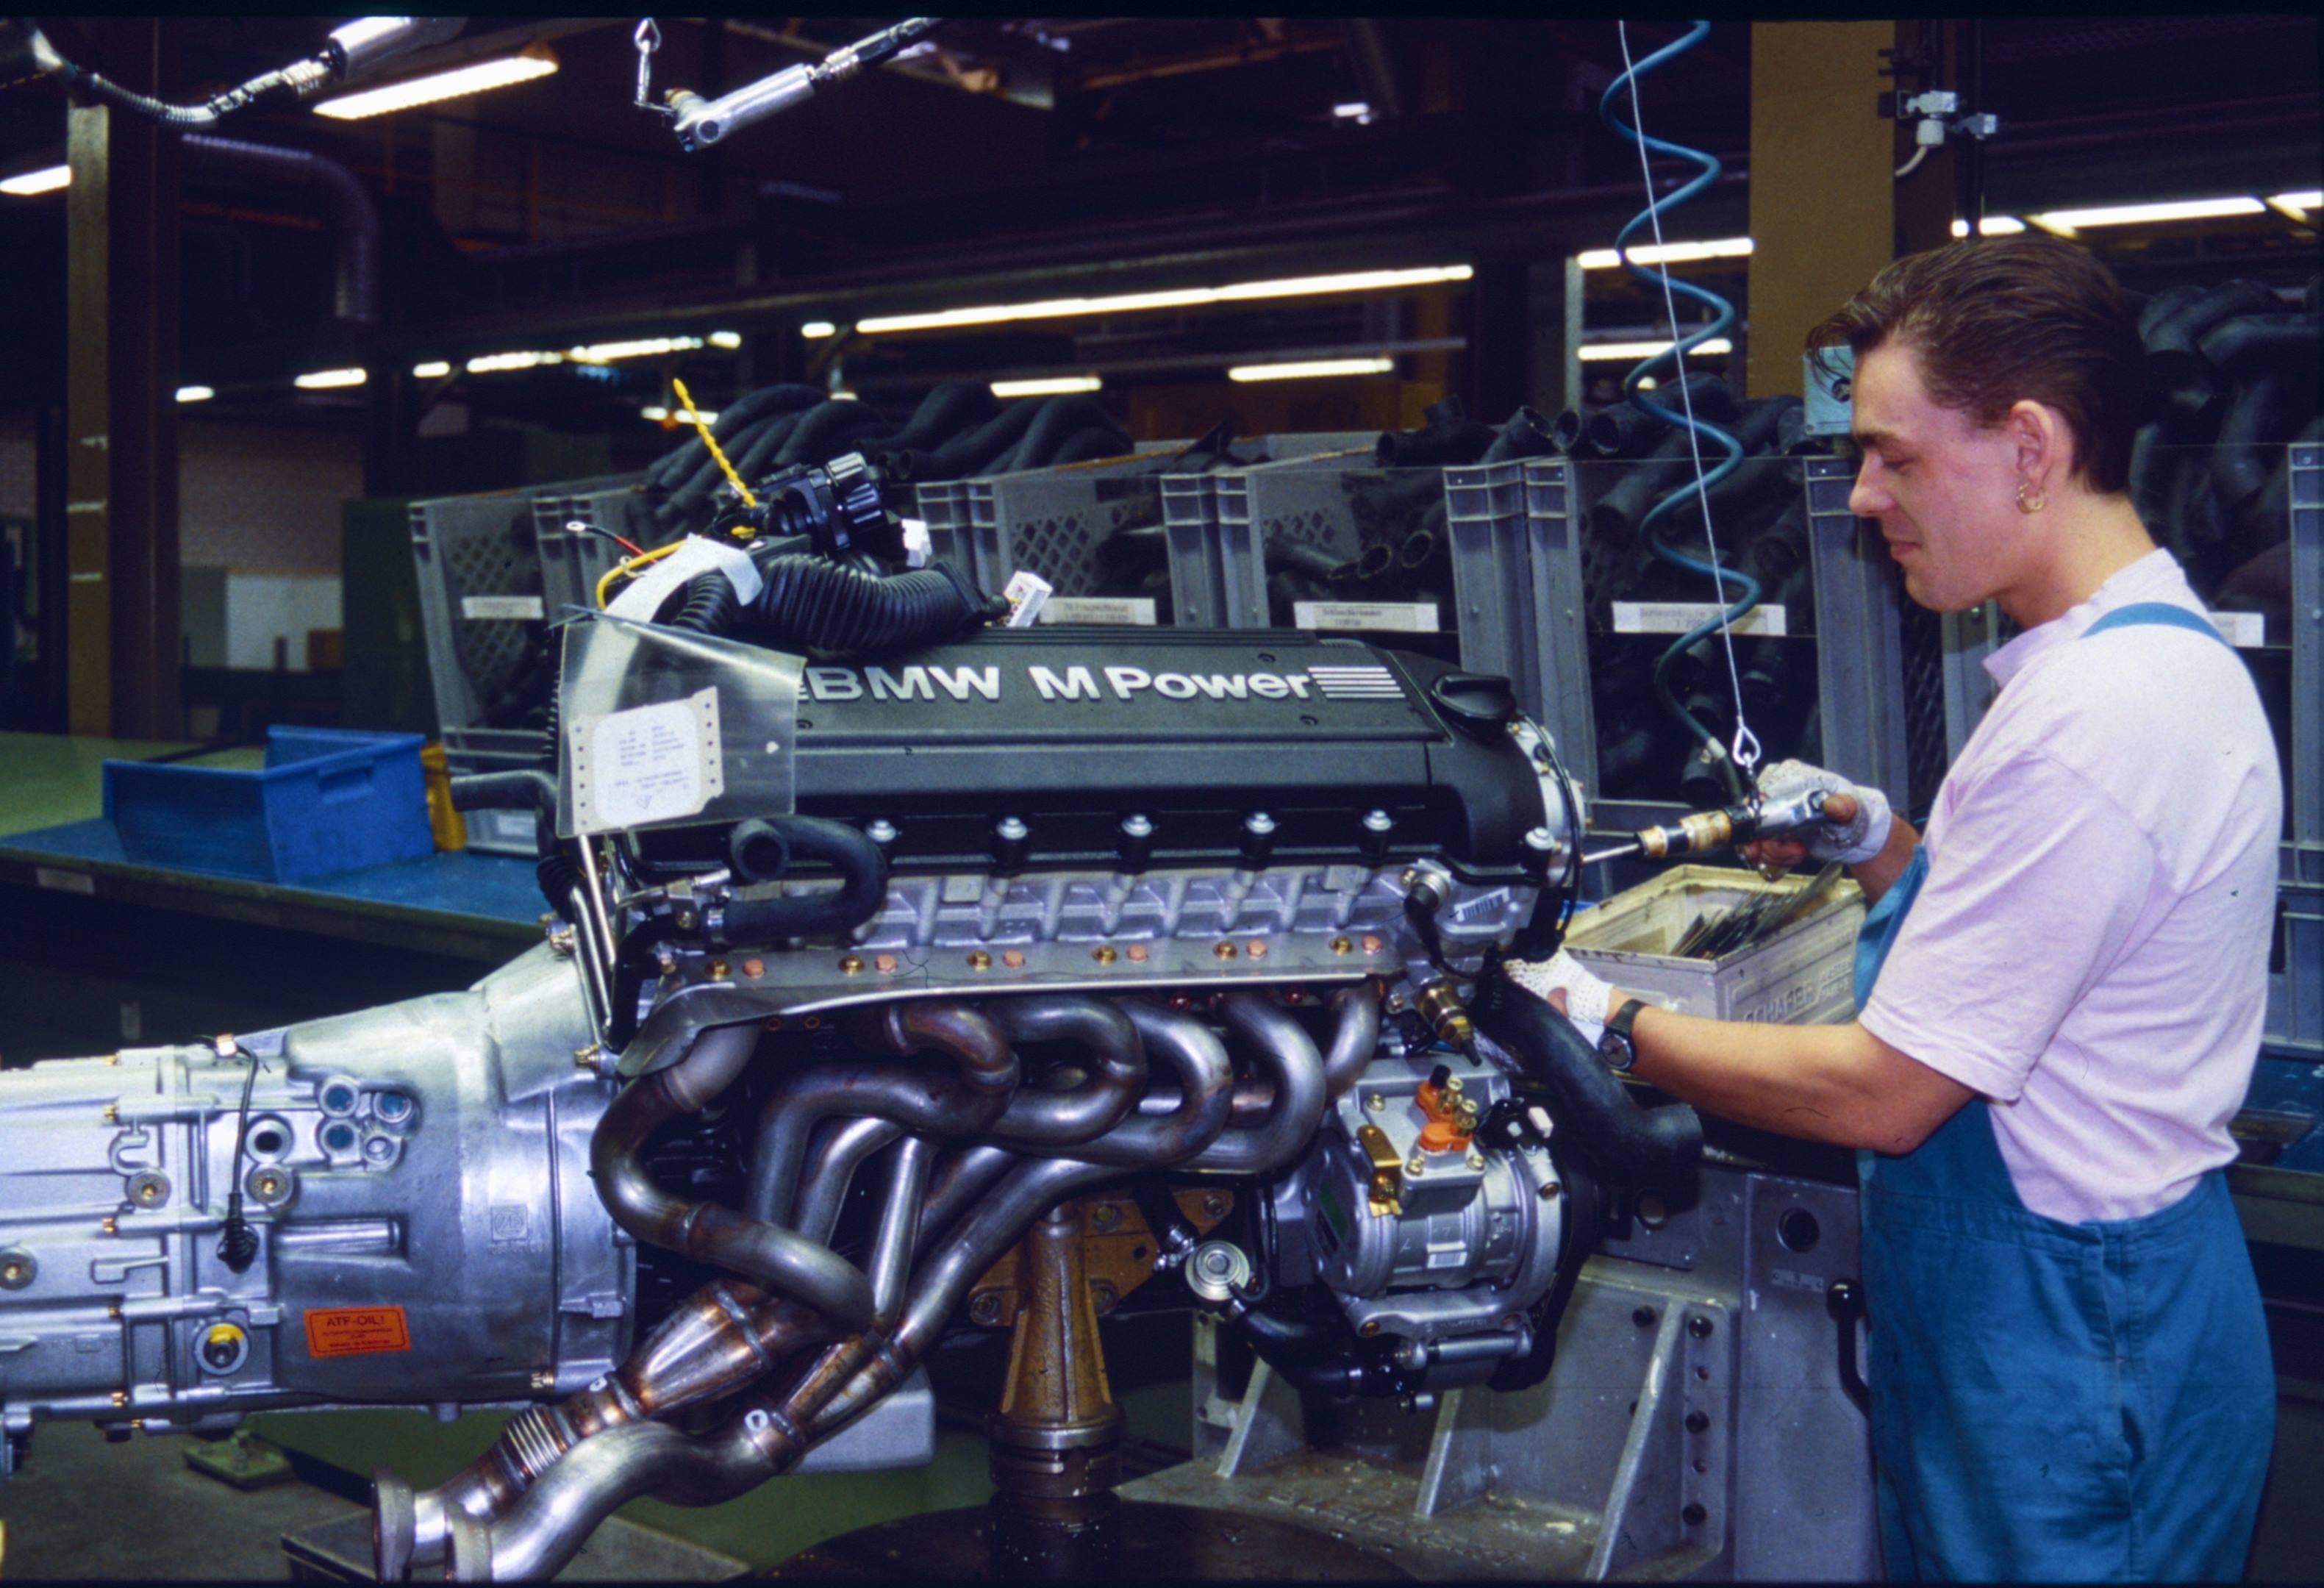 E36 M3 engine